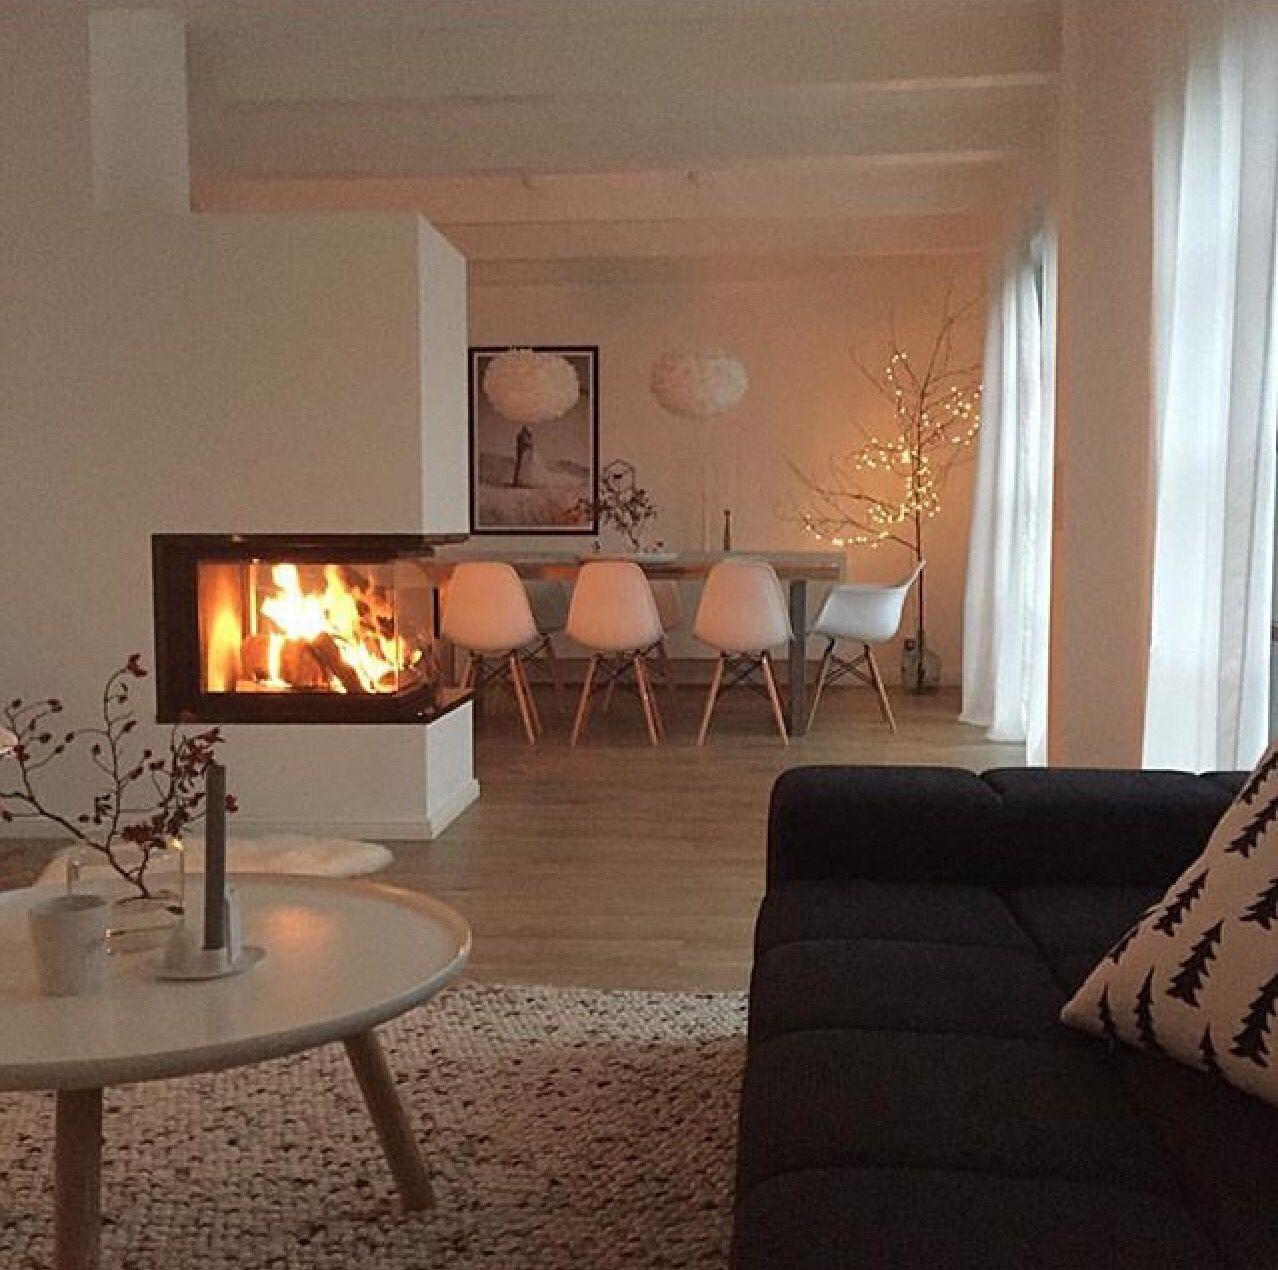 Badezimmer ideen erdtöne estufa hogar  house  pinterest  living room home and room